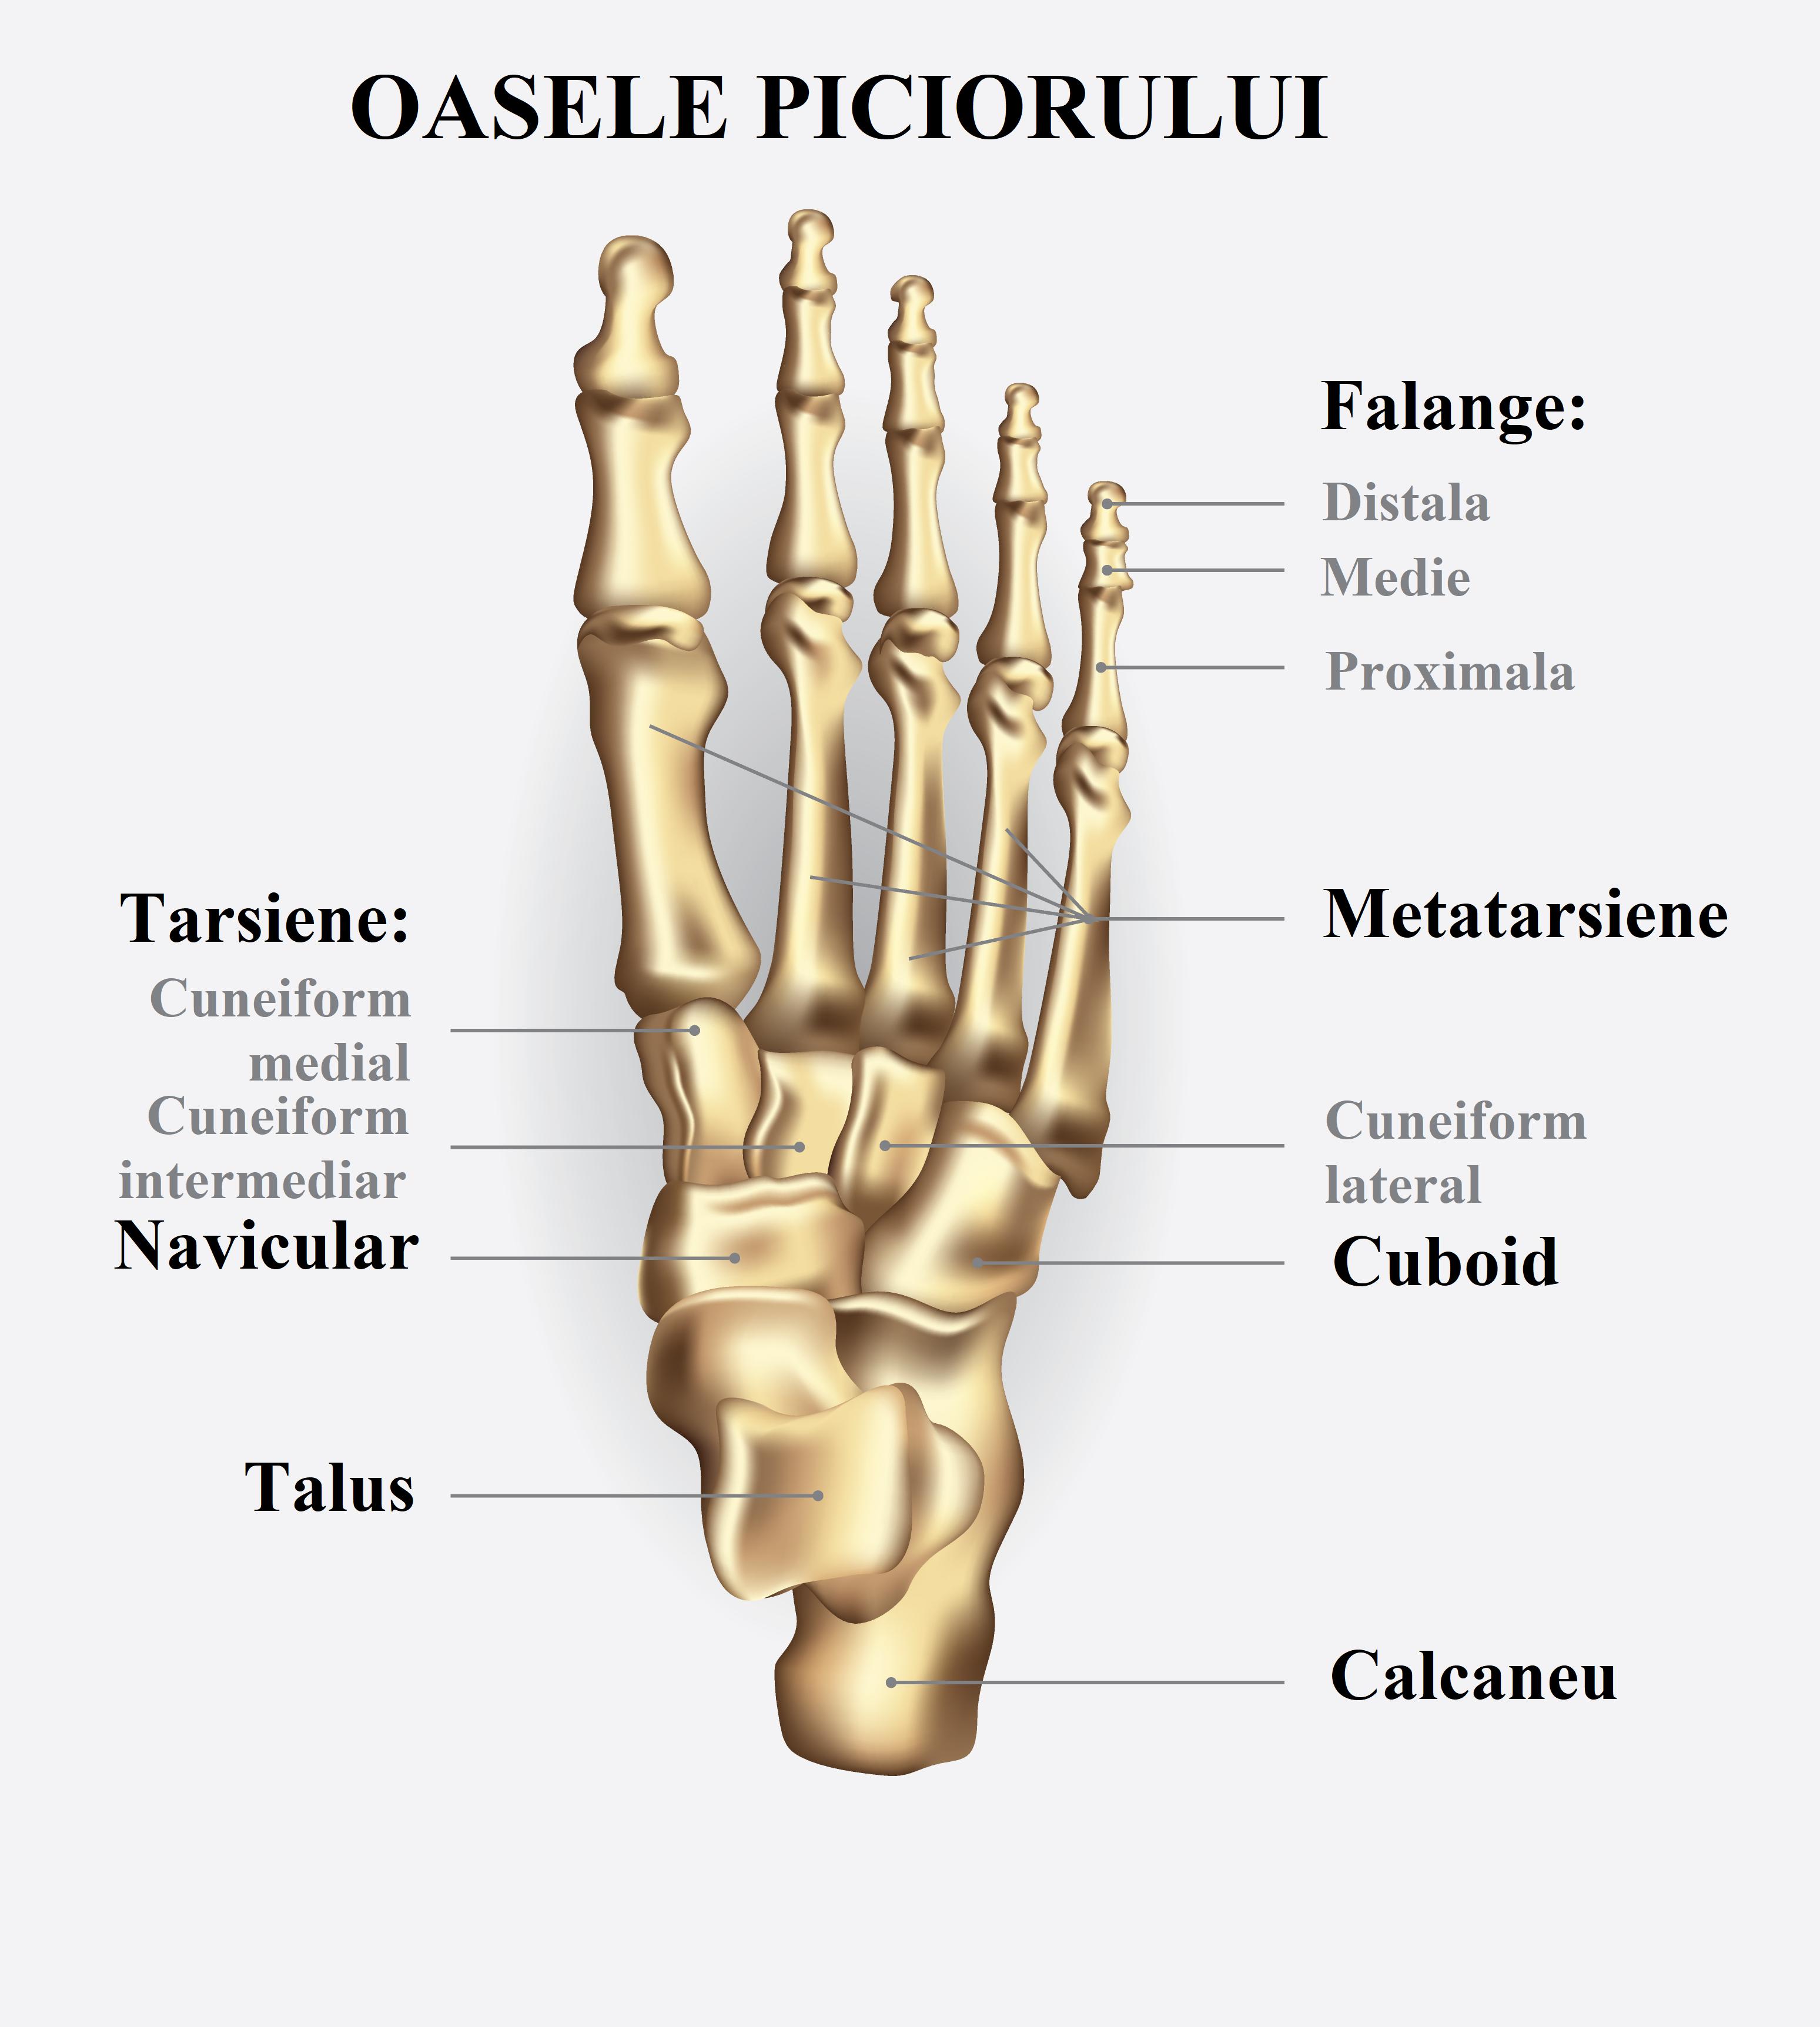 bioptron și tratamentul artrozei genunchiului menisc de refacere a articulației genunchiului